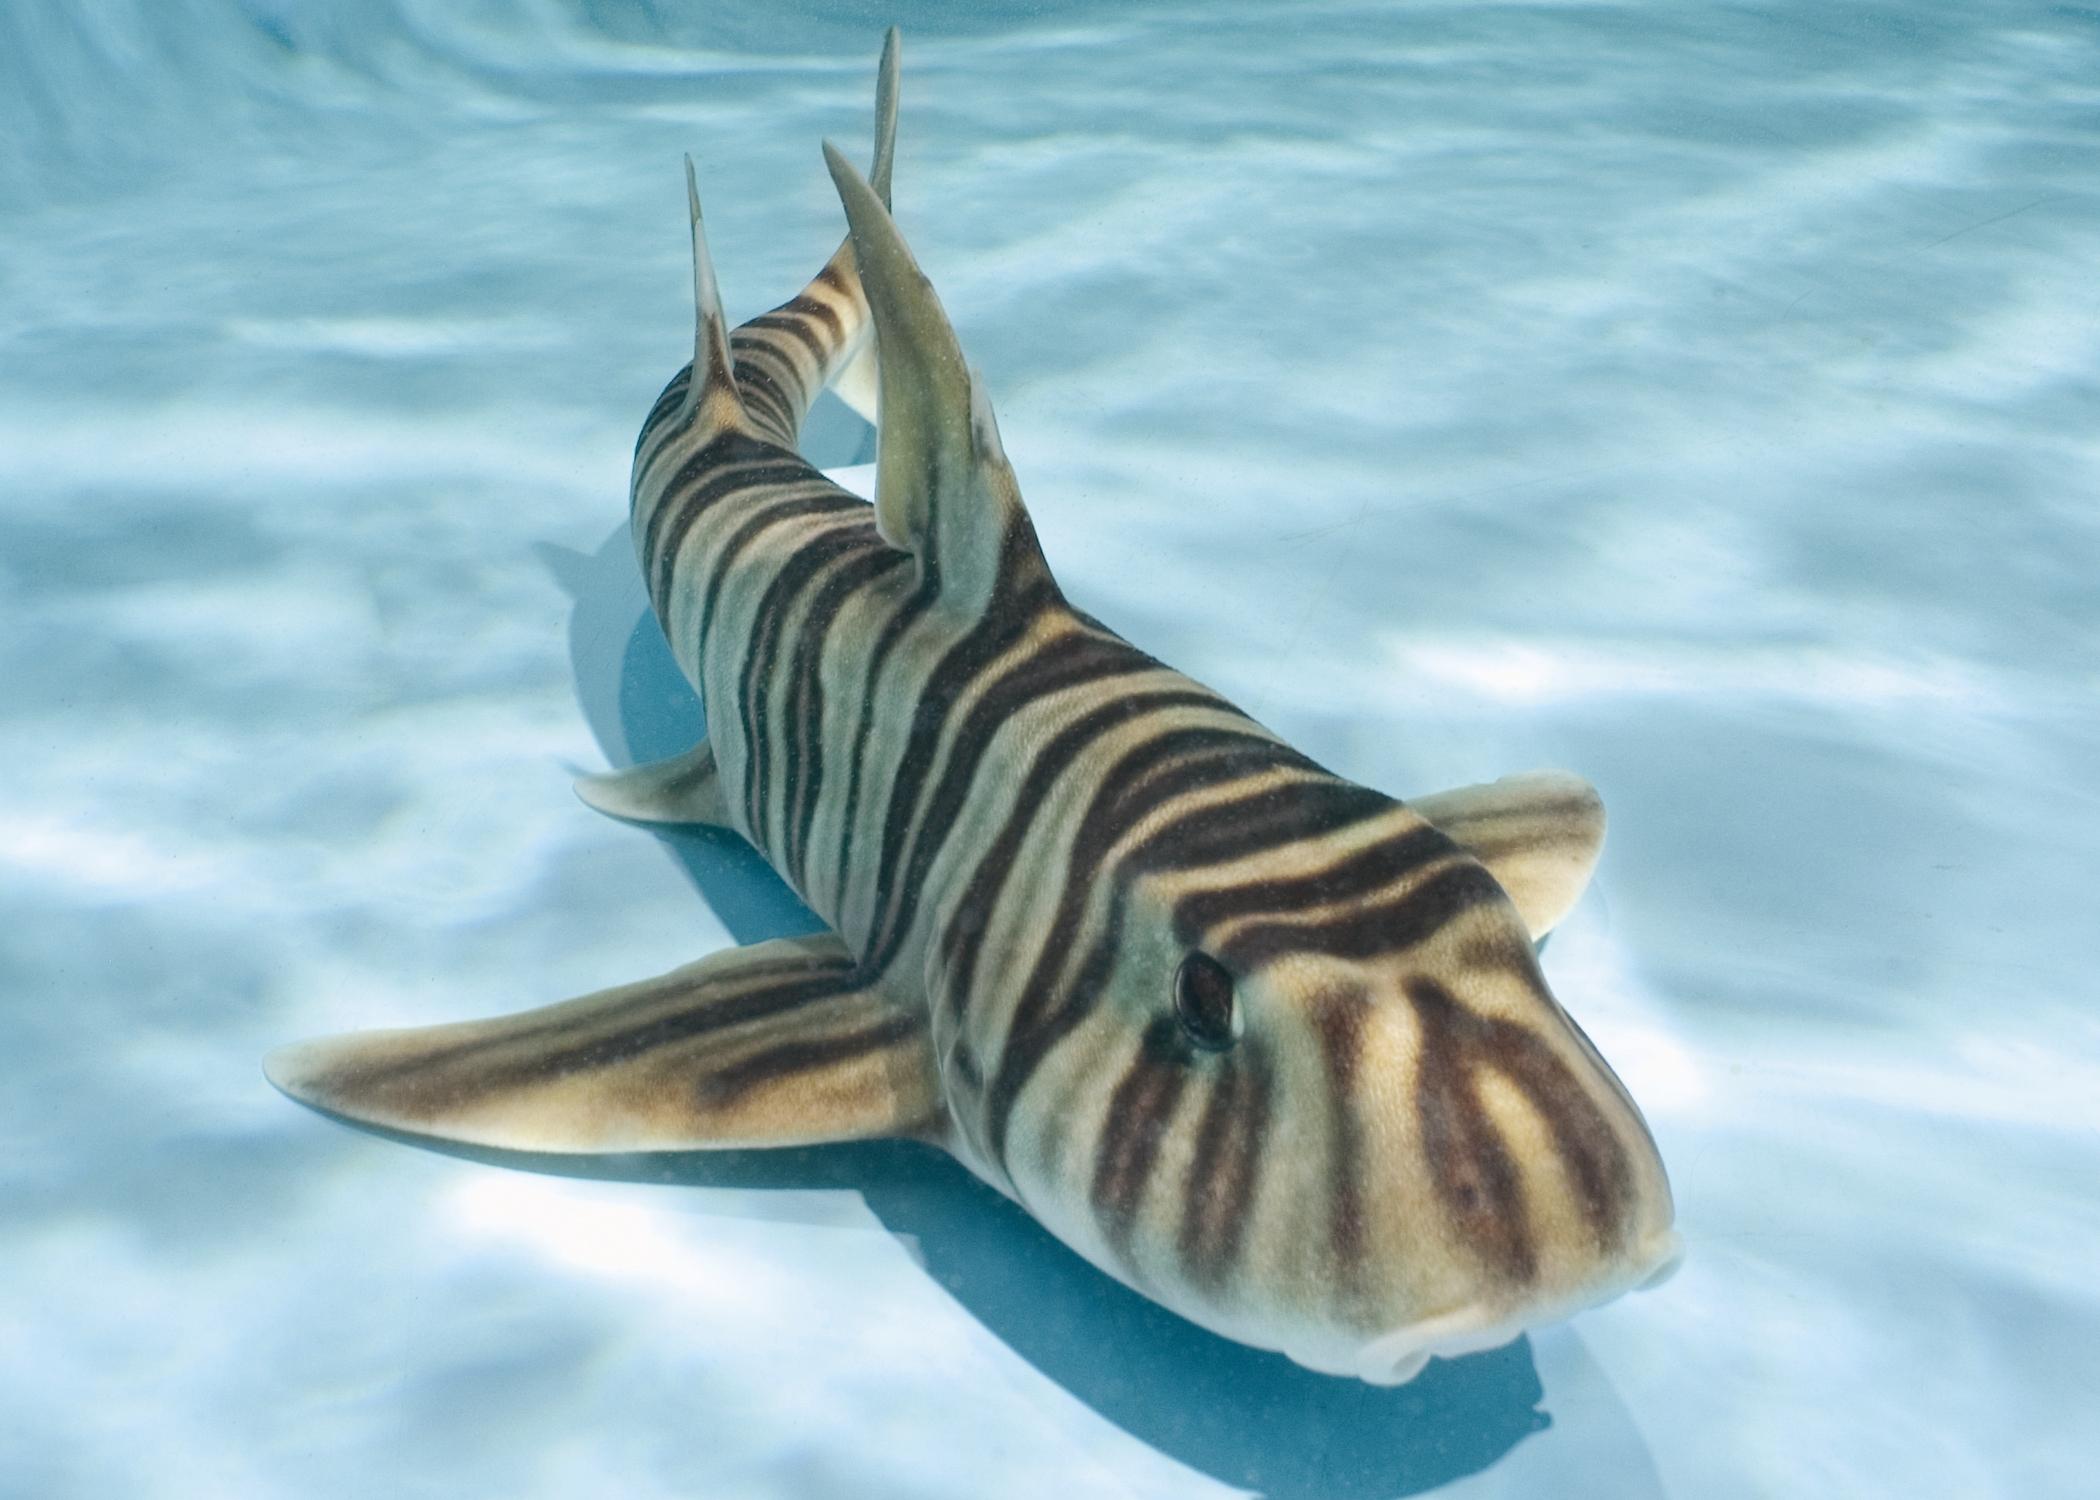 Zebra Shark Full Hd